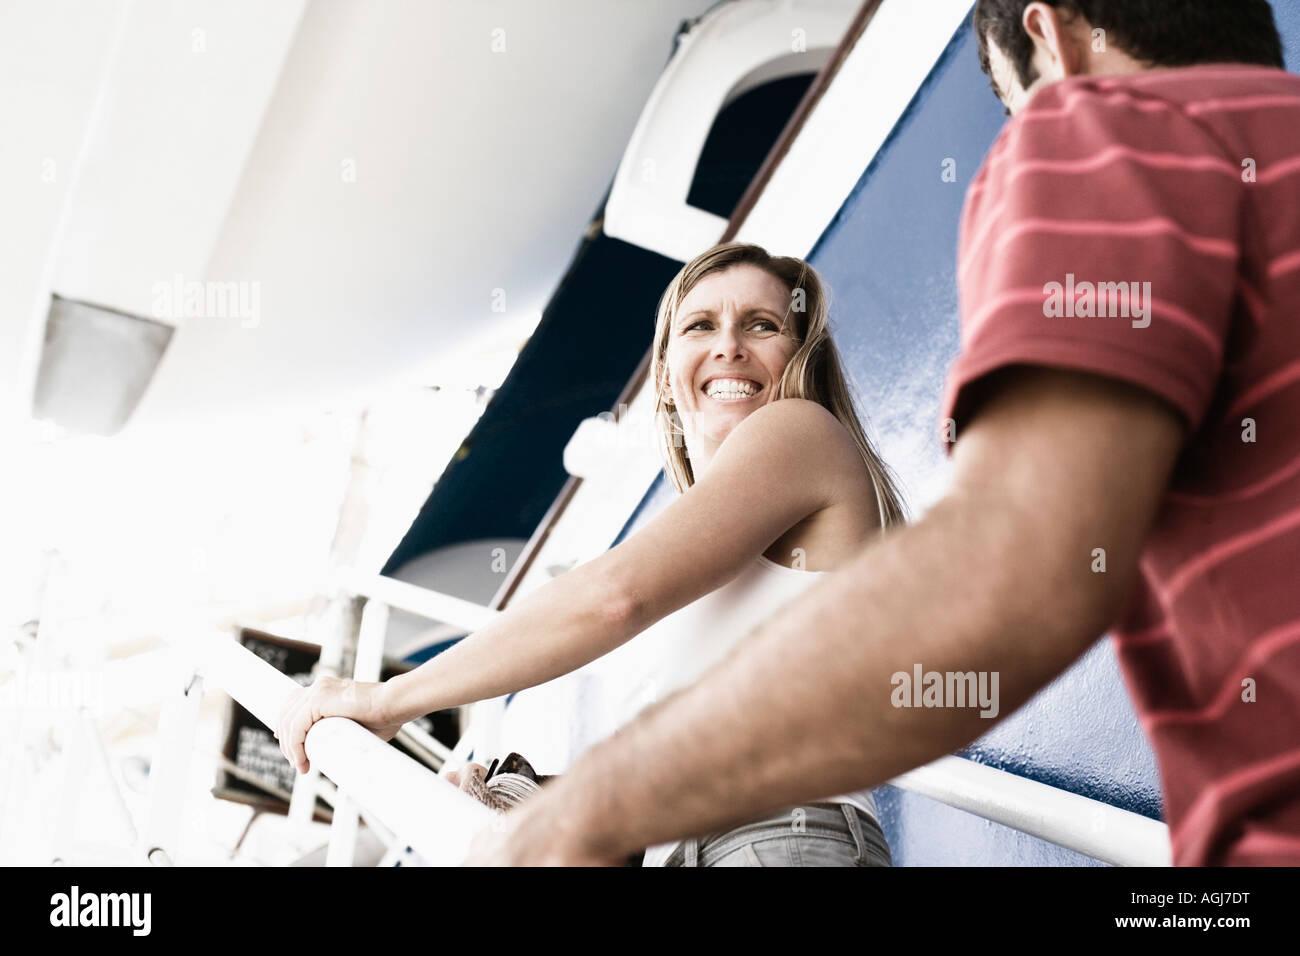 Adult couple cruises